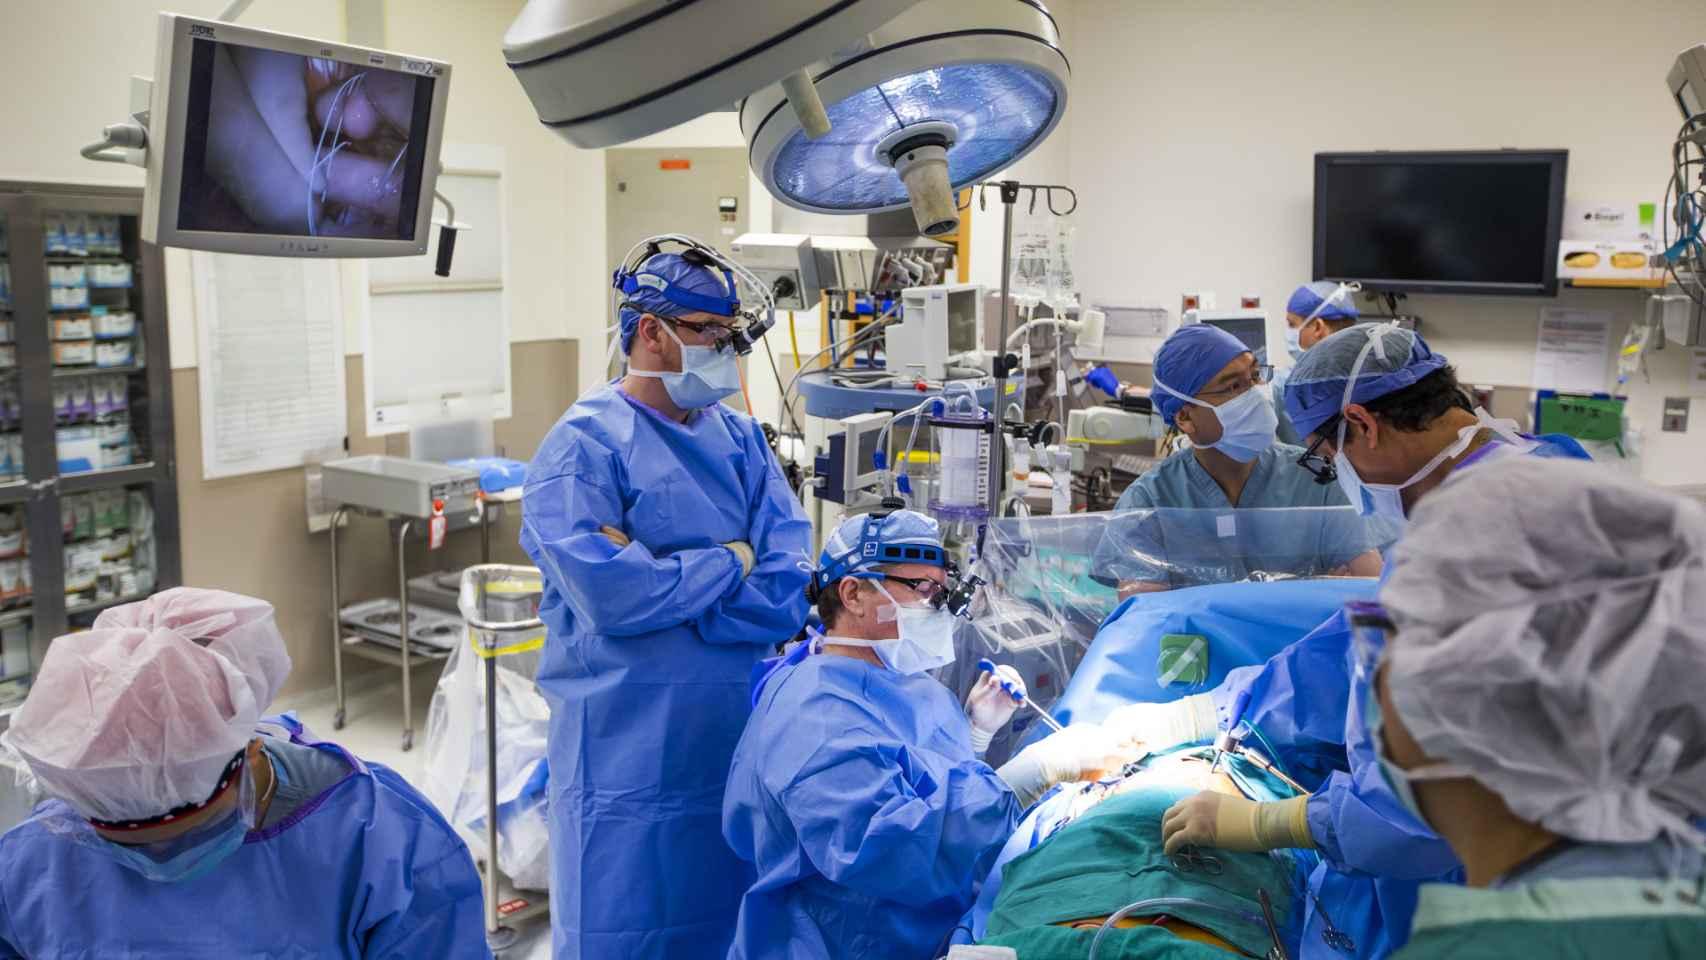 Médicos operando en un quirófano.